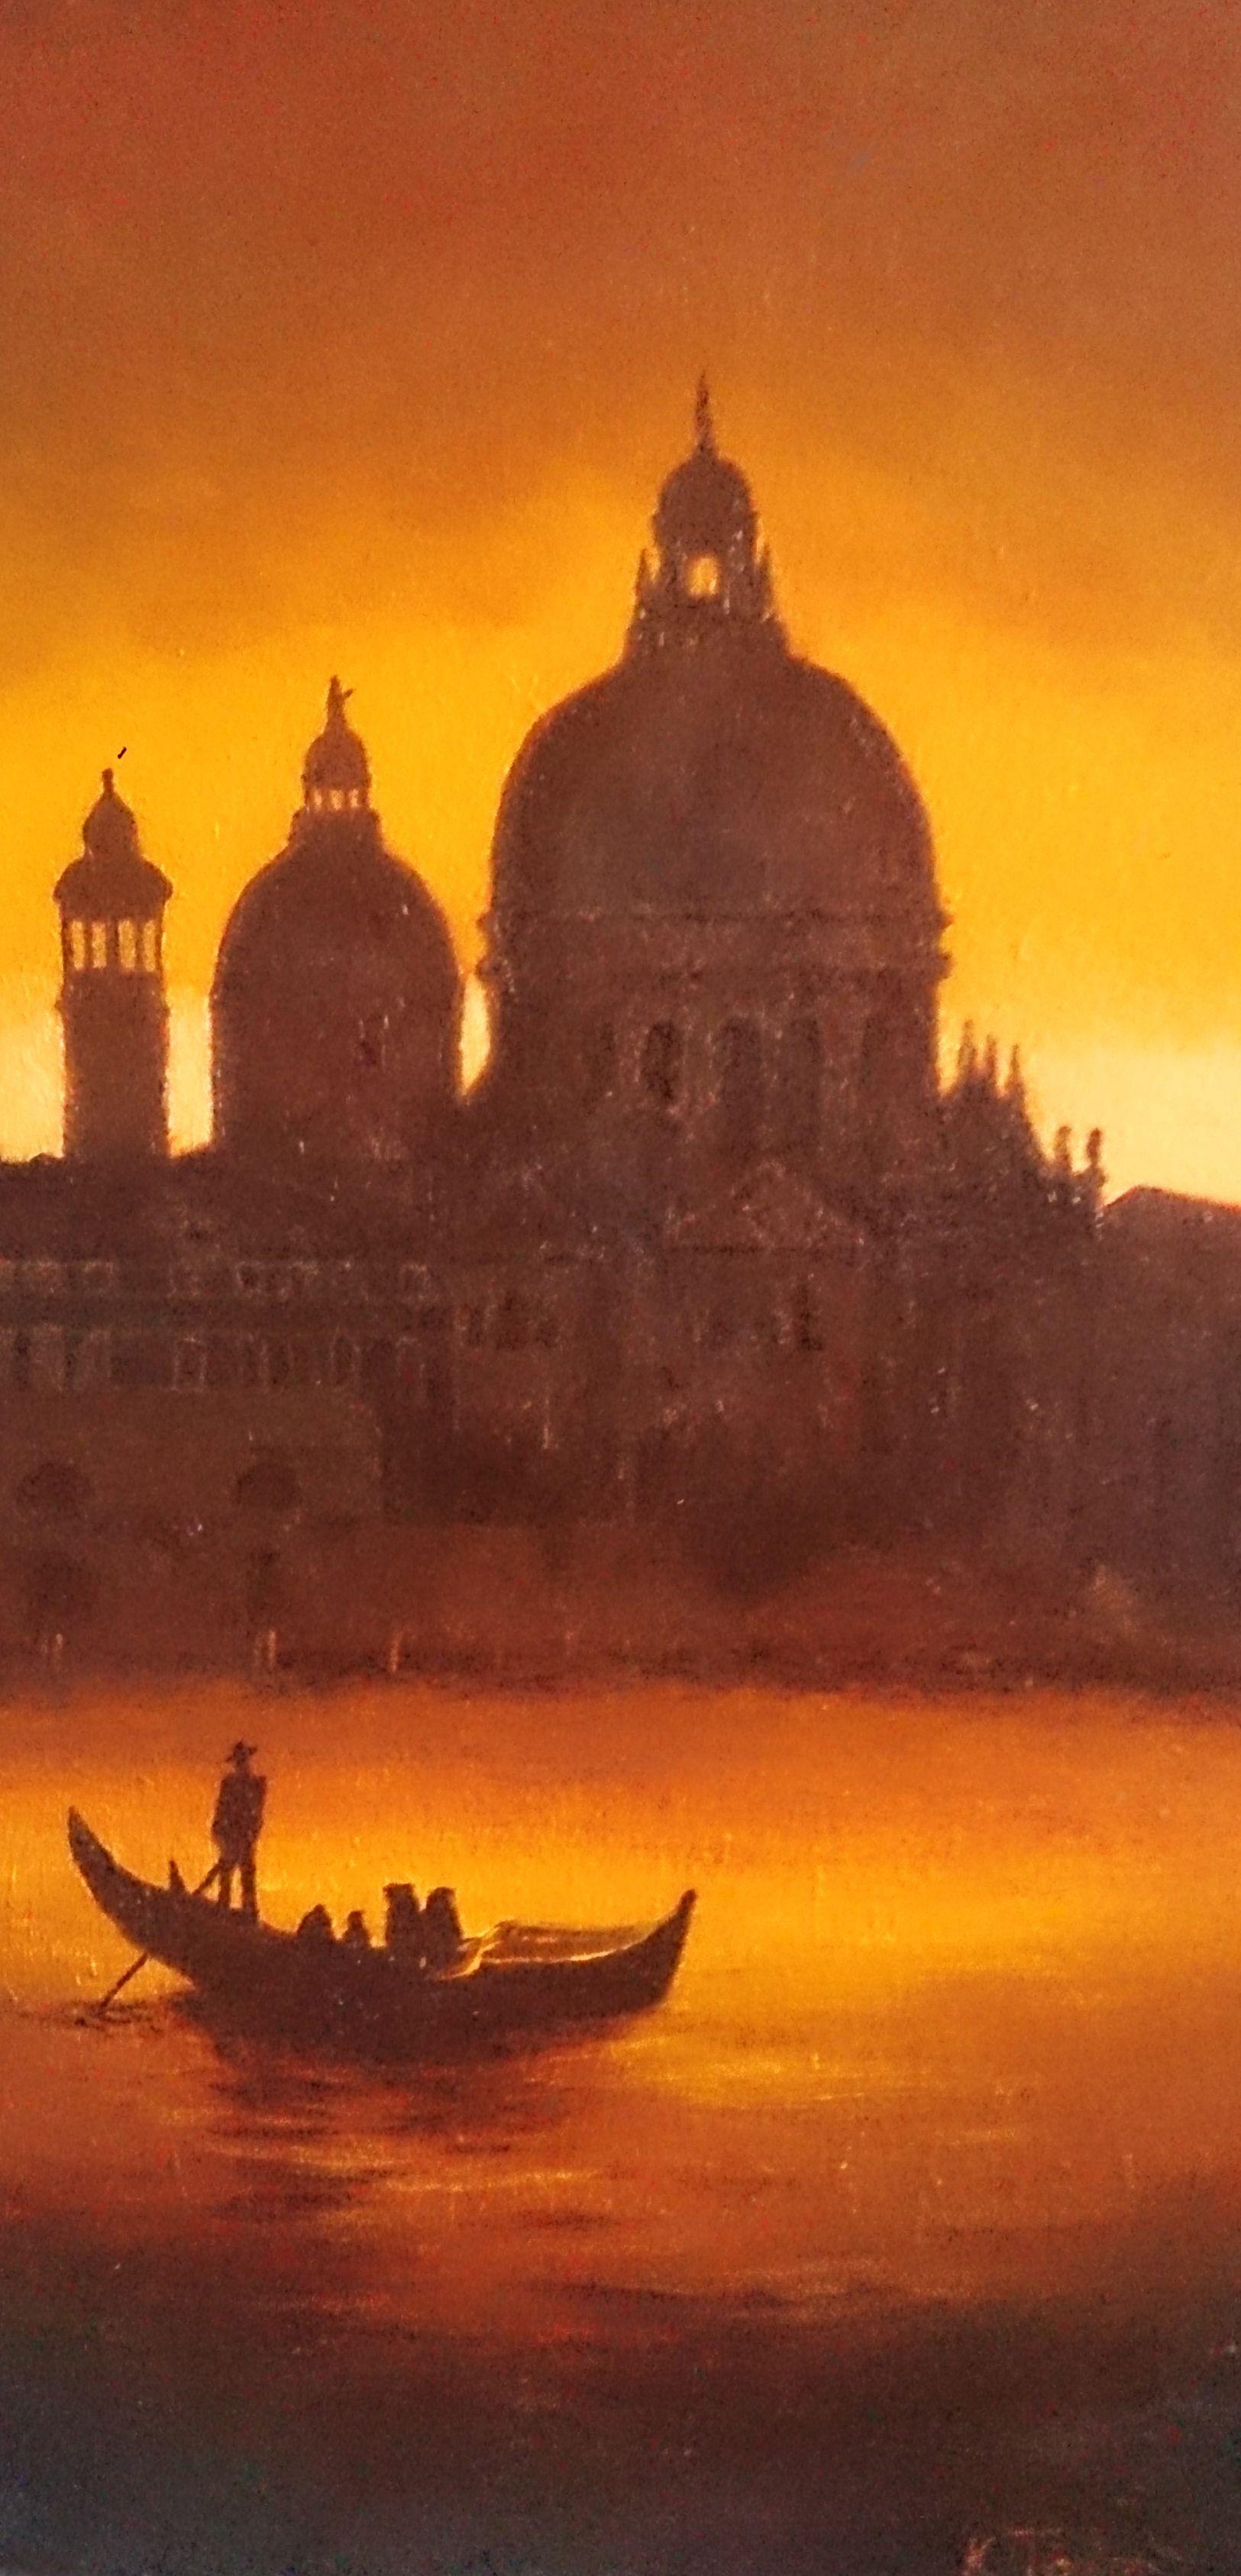 Venice Acrylics on deep edge canvas 2008